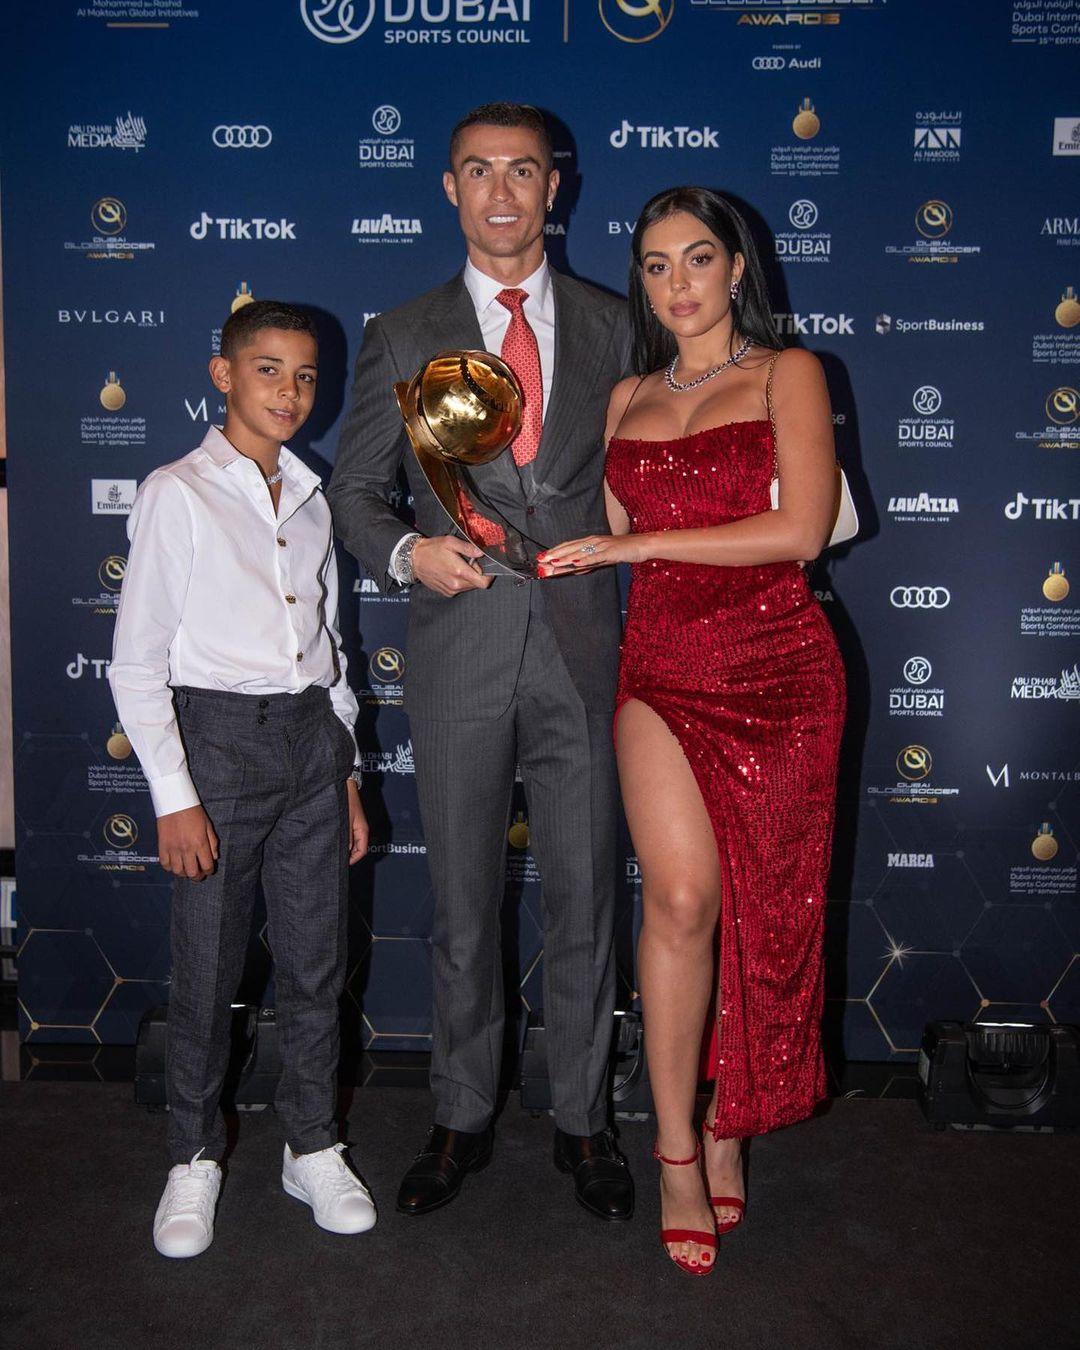 Cristiano Ronaldo 21. yüzyılın en iyi futbolcusu seçildi